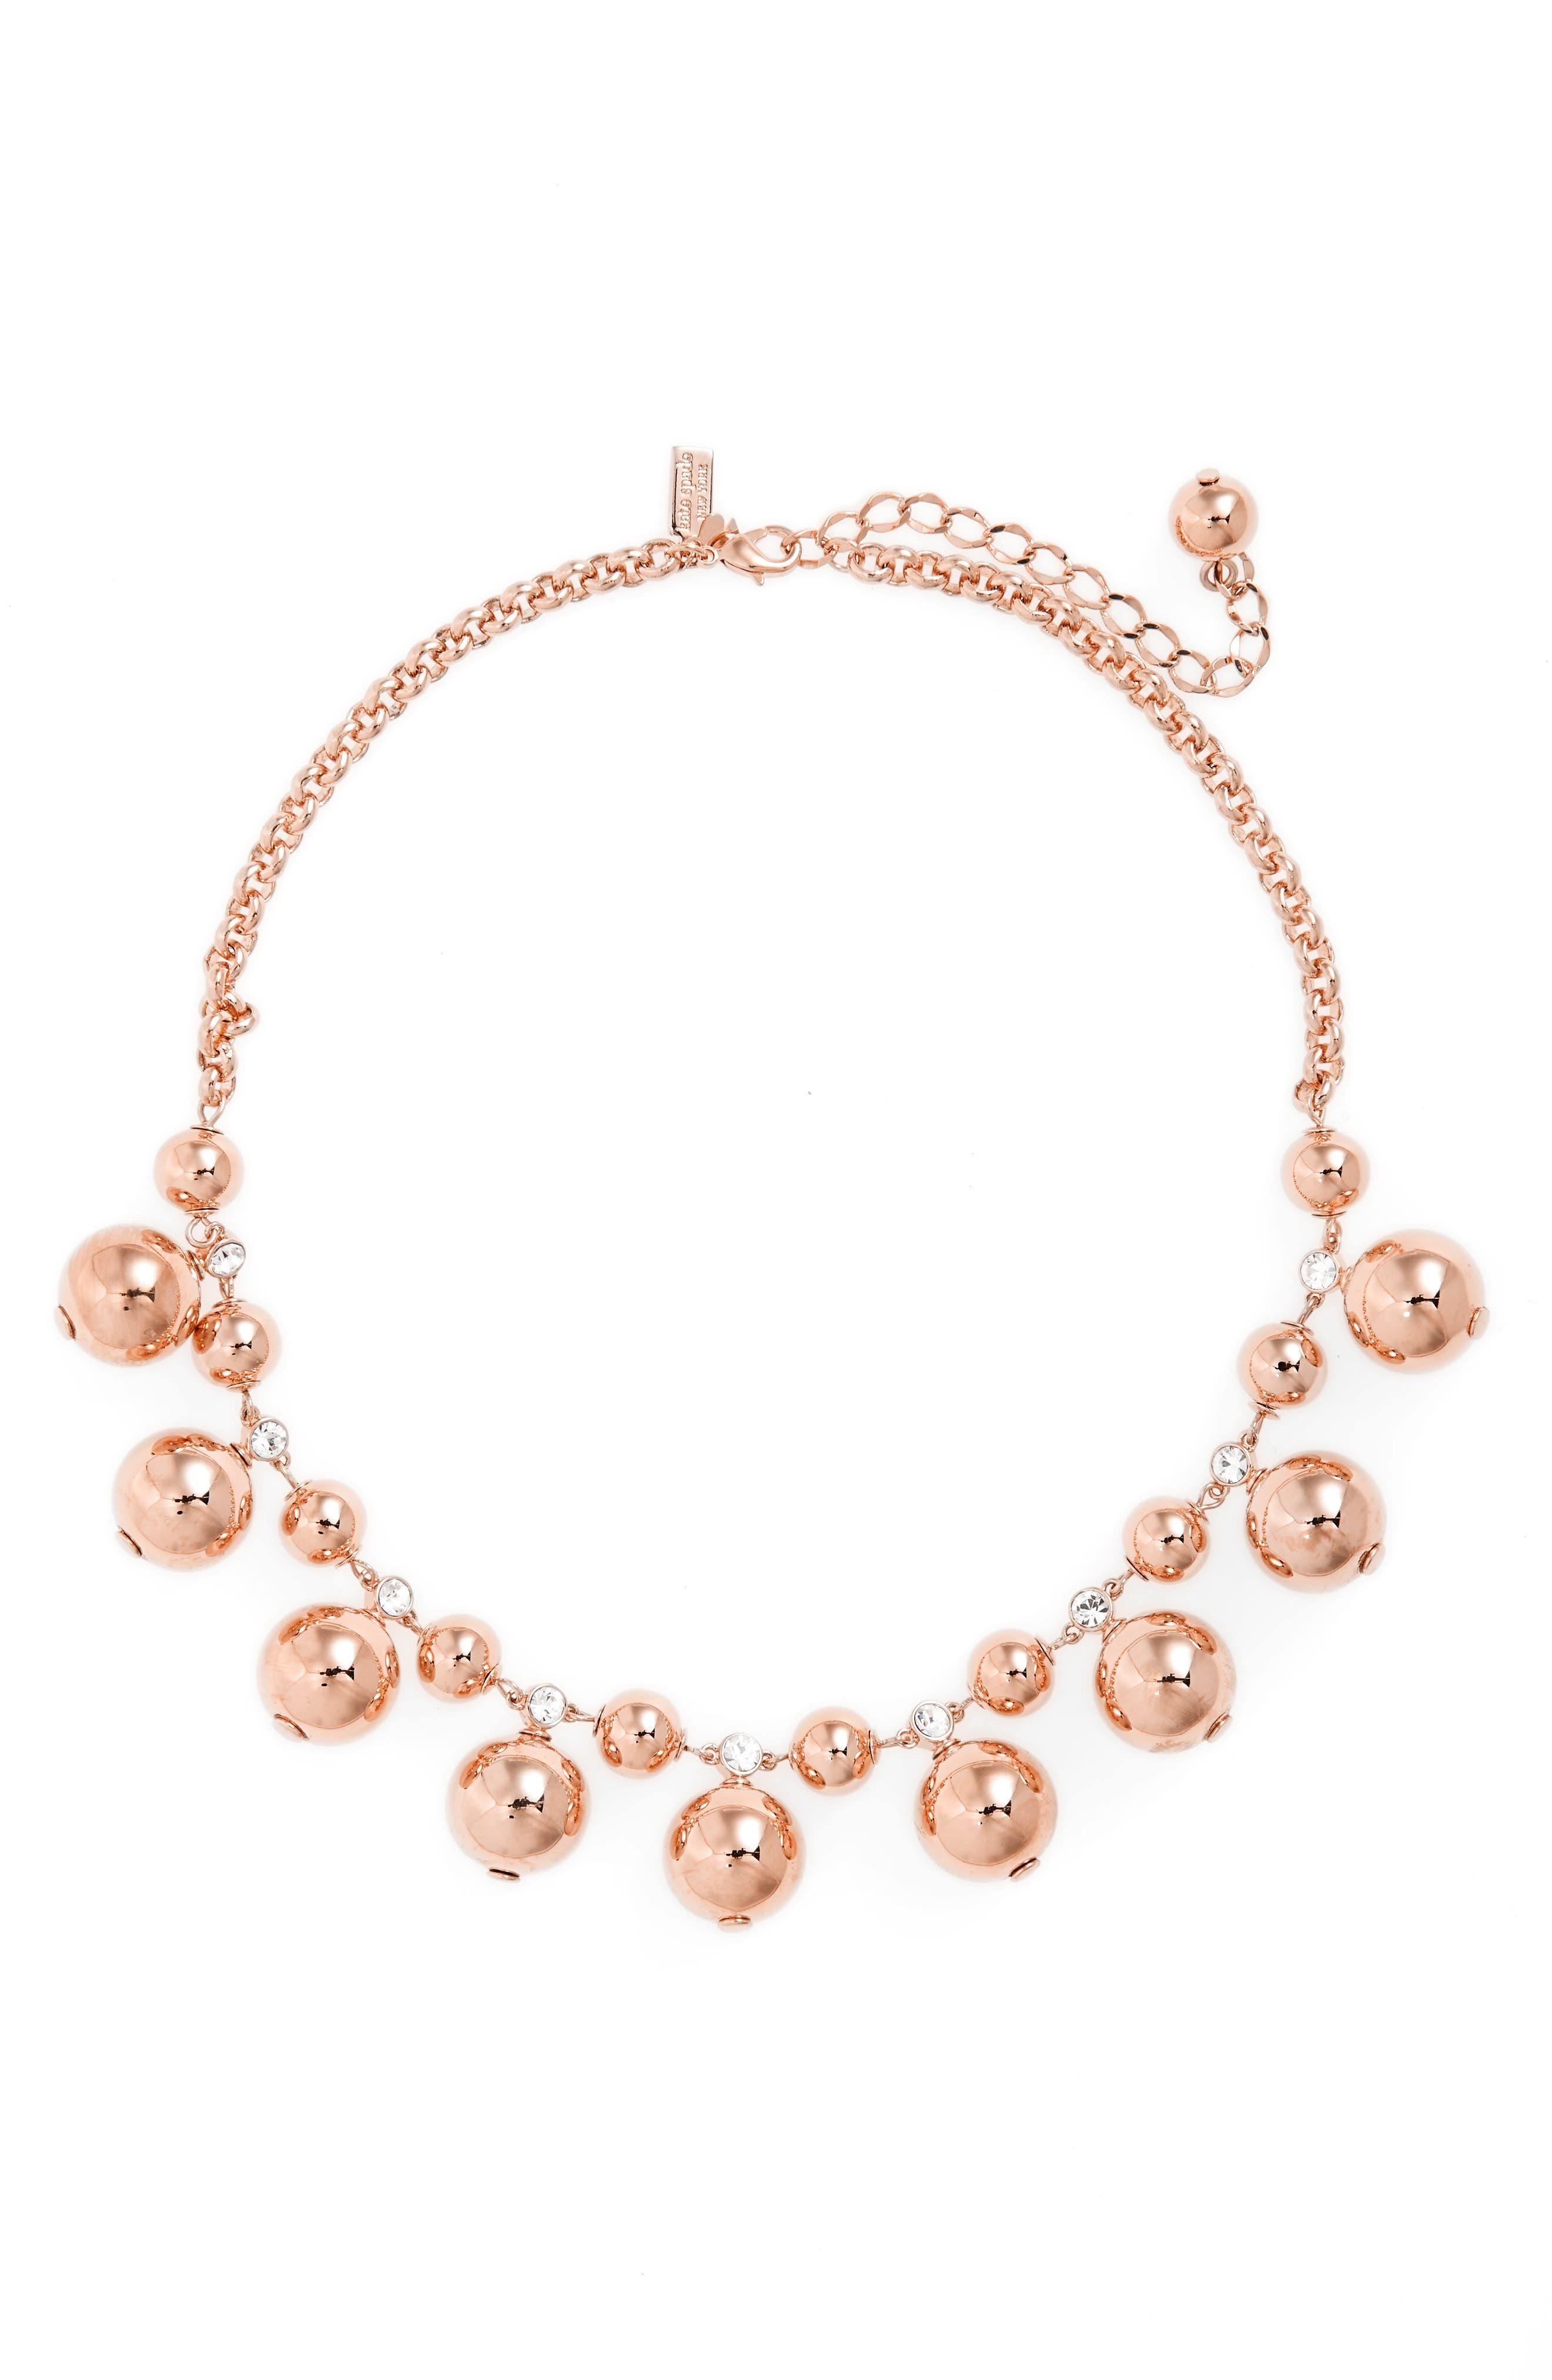 KATE SPADE NEW YORK golden girl collar necklace